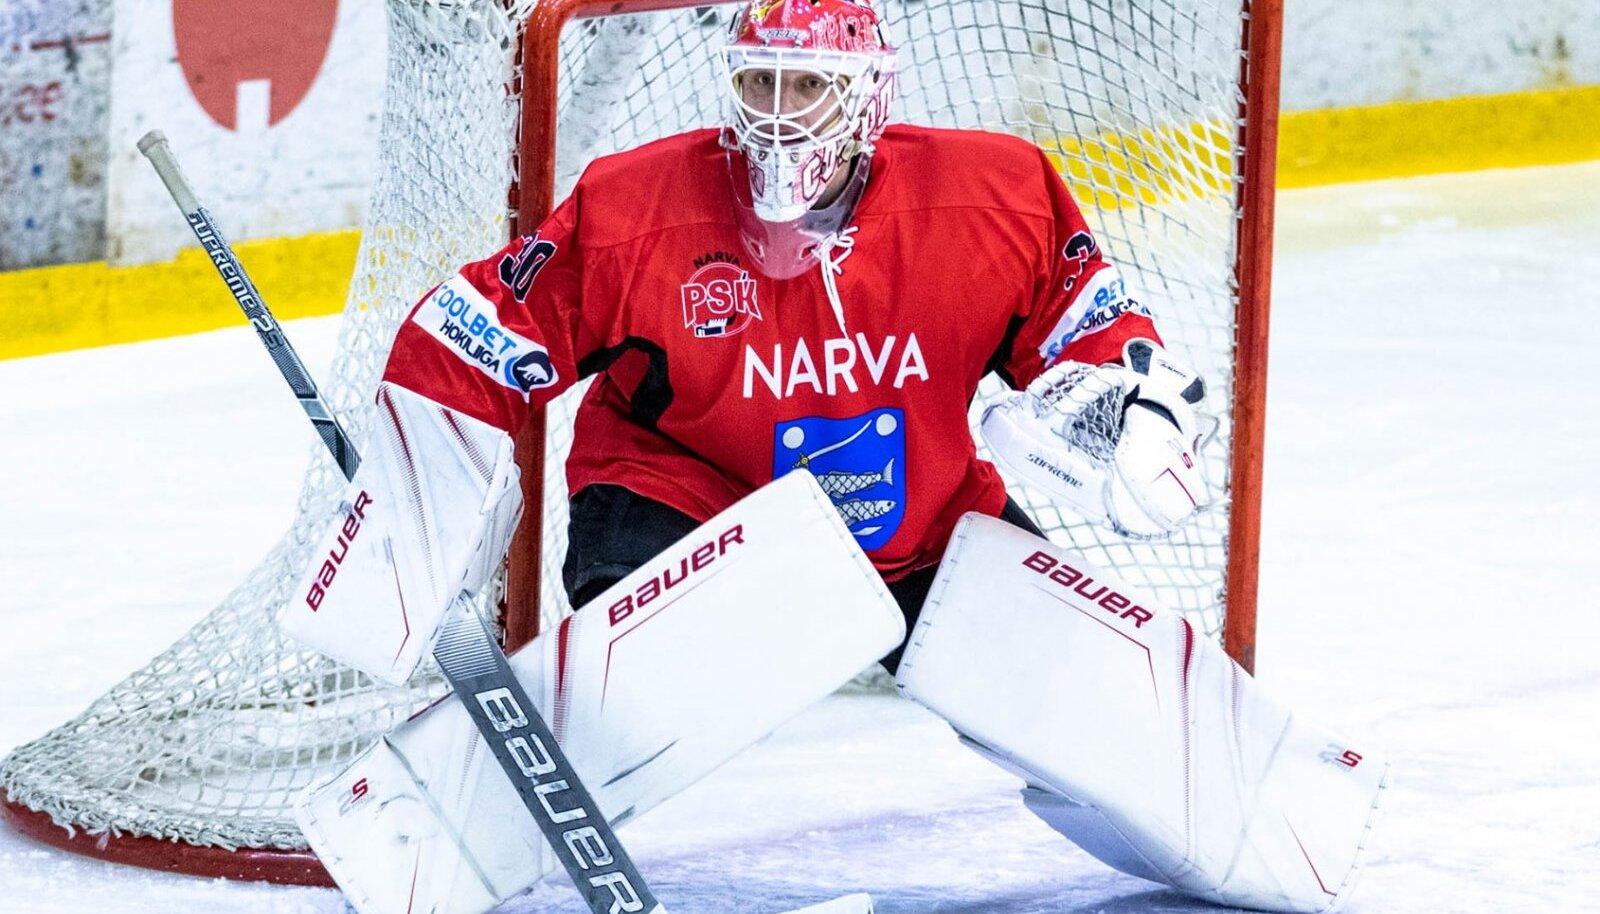 Narva PSK